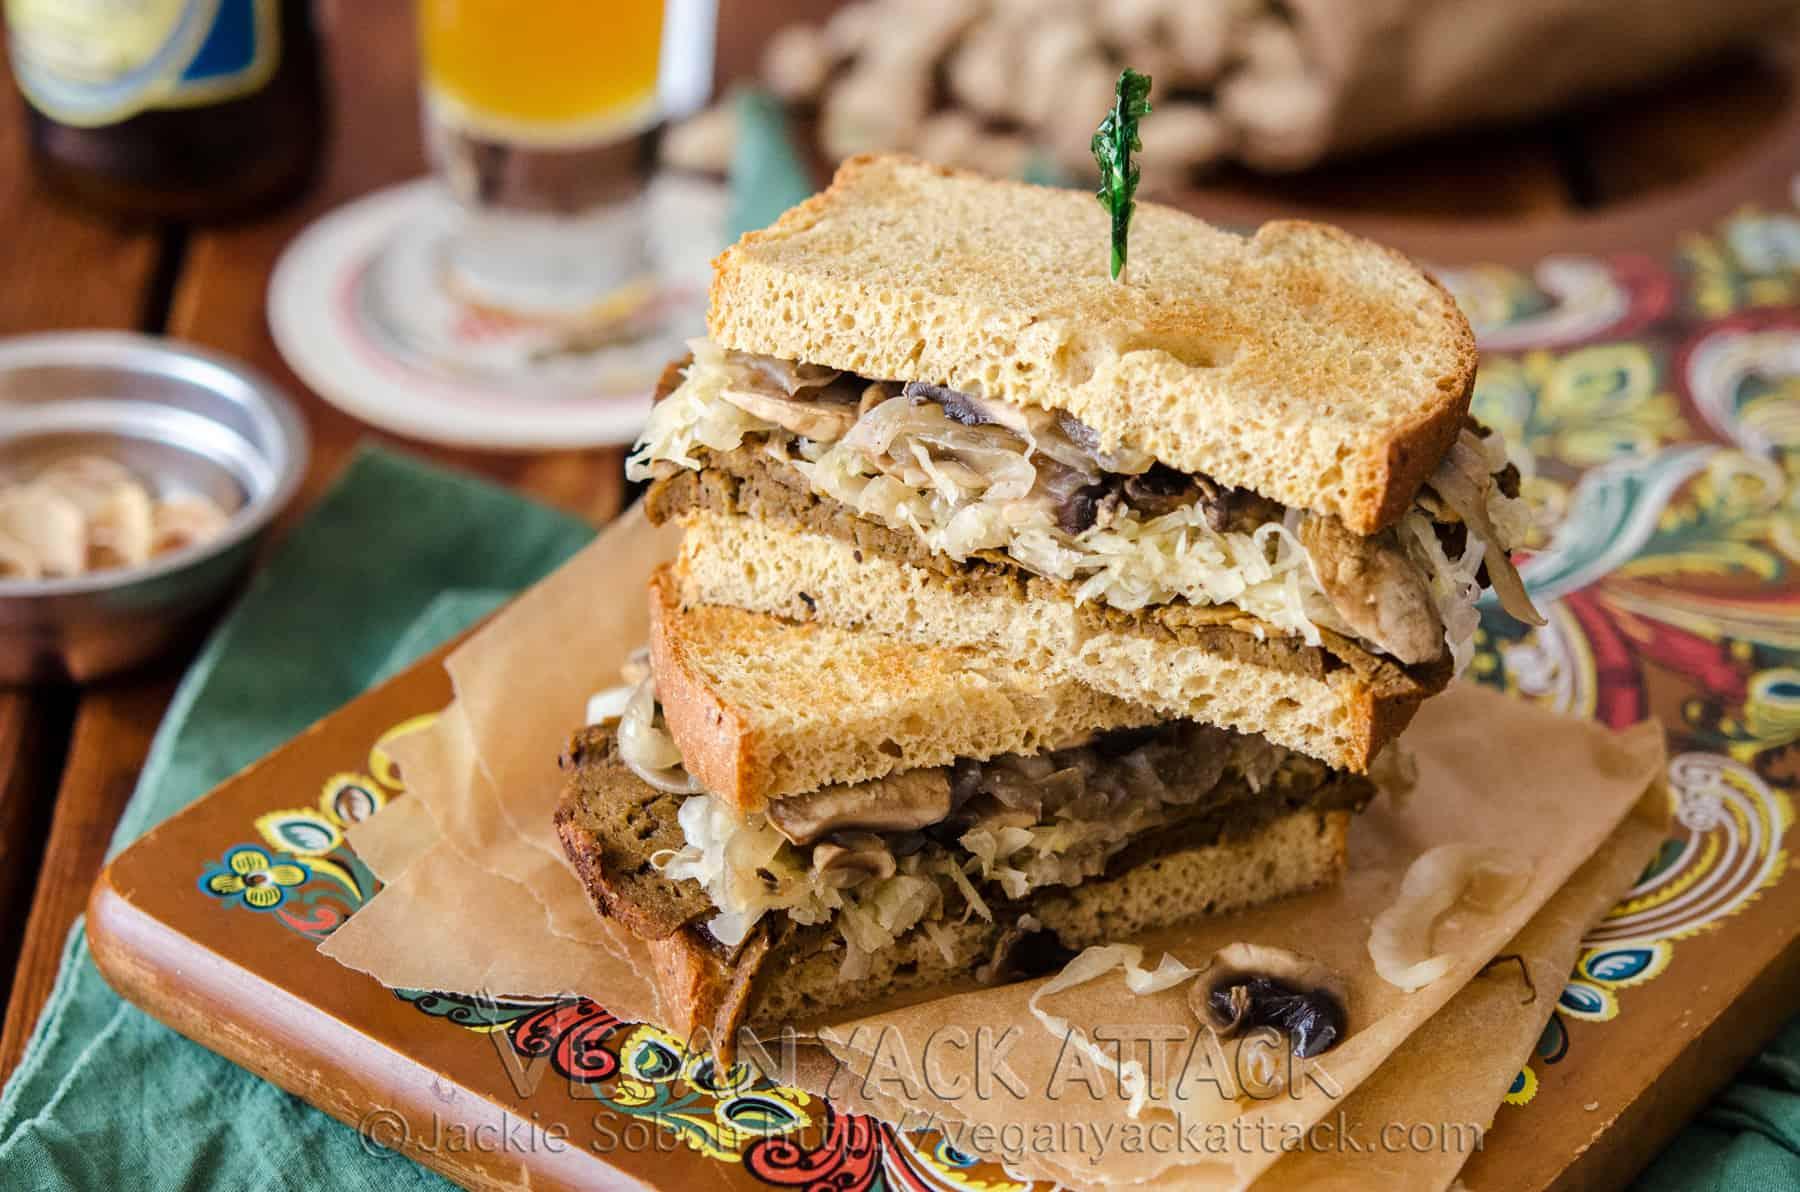 Seitan Sauerkraut Sandwich